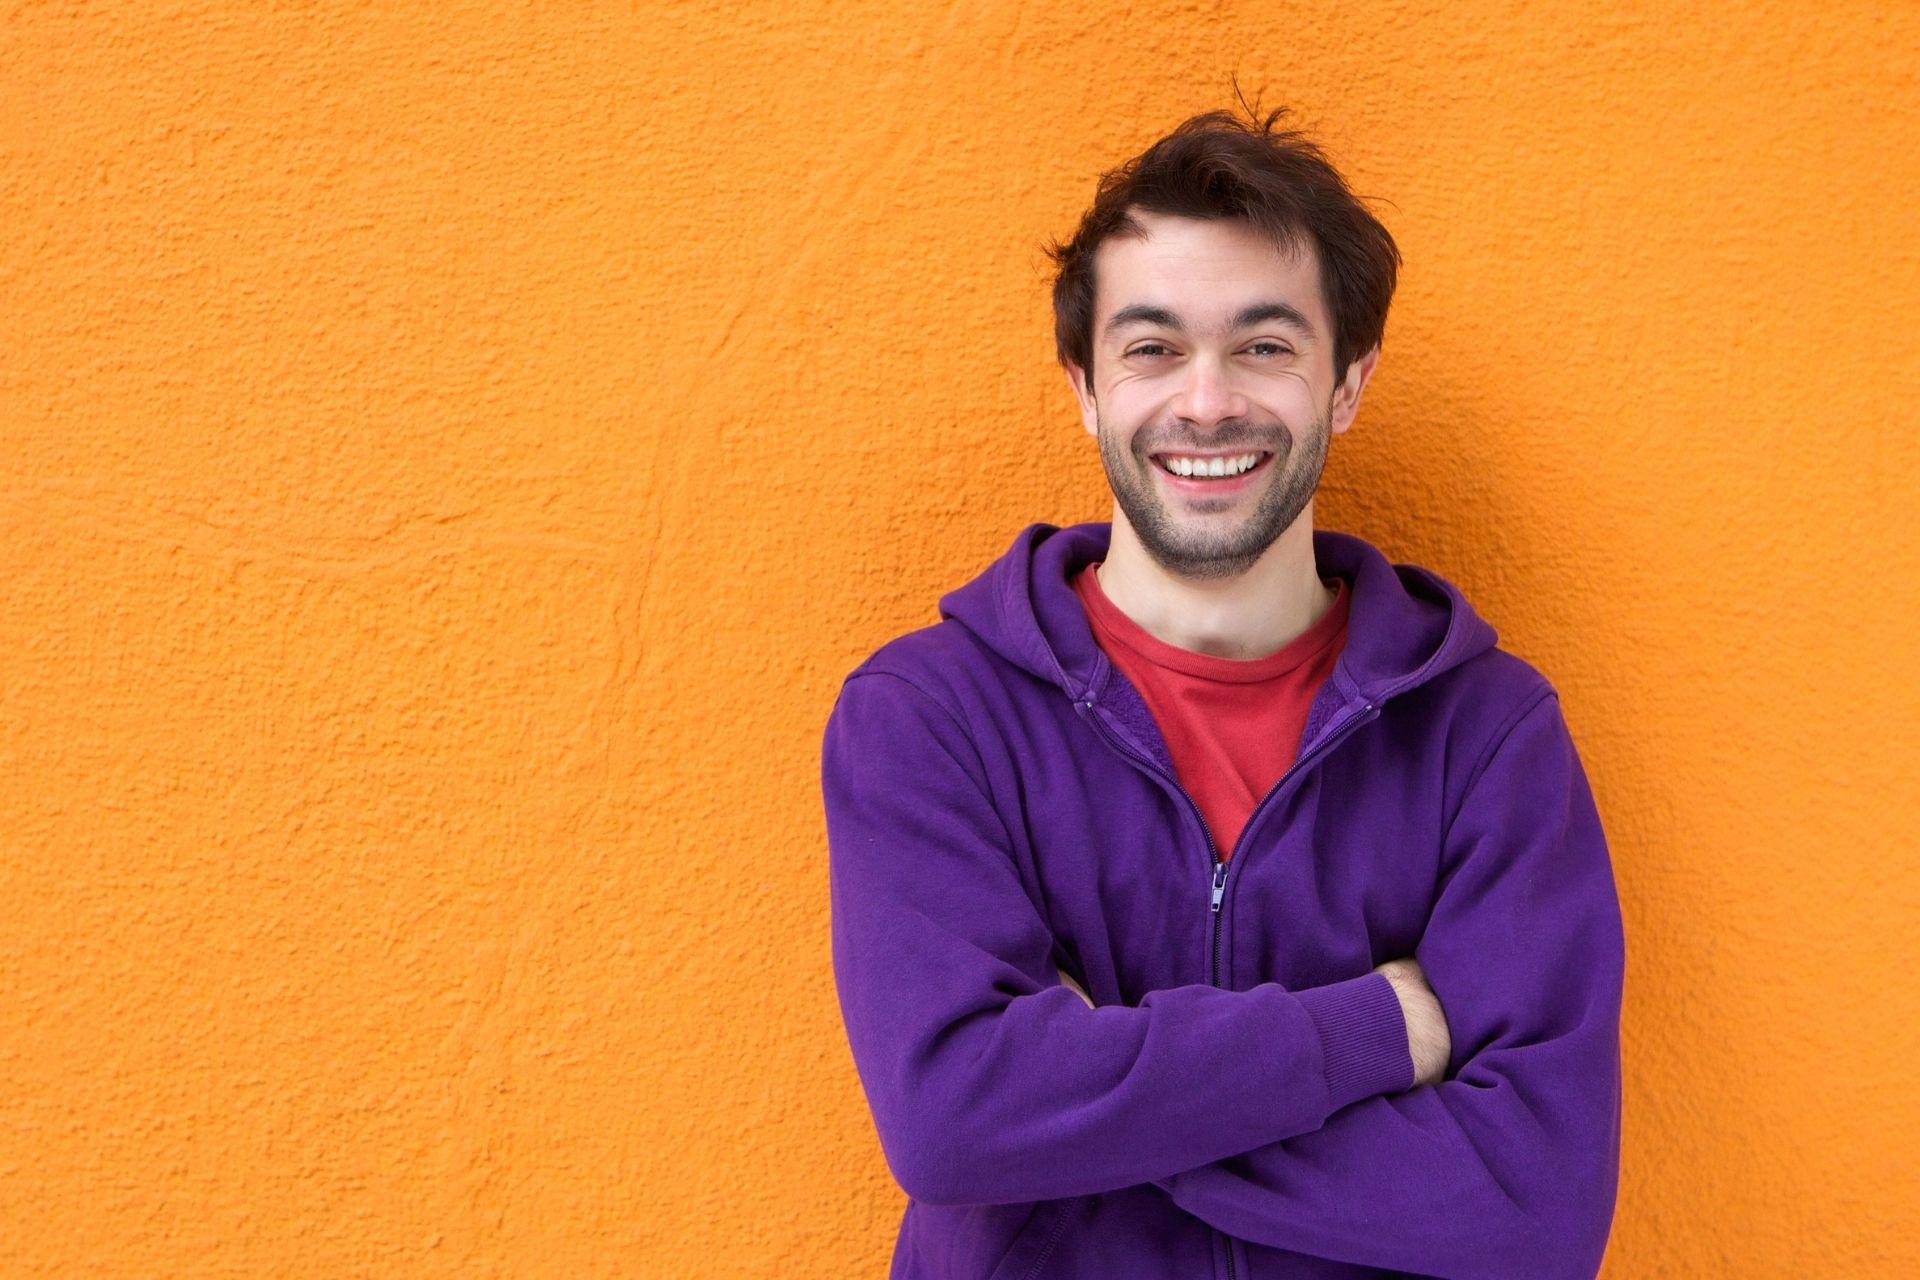 guy smiling wear purple hoodie-orange background